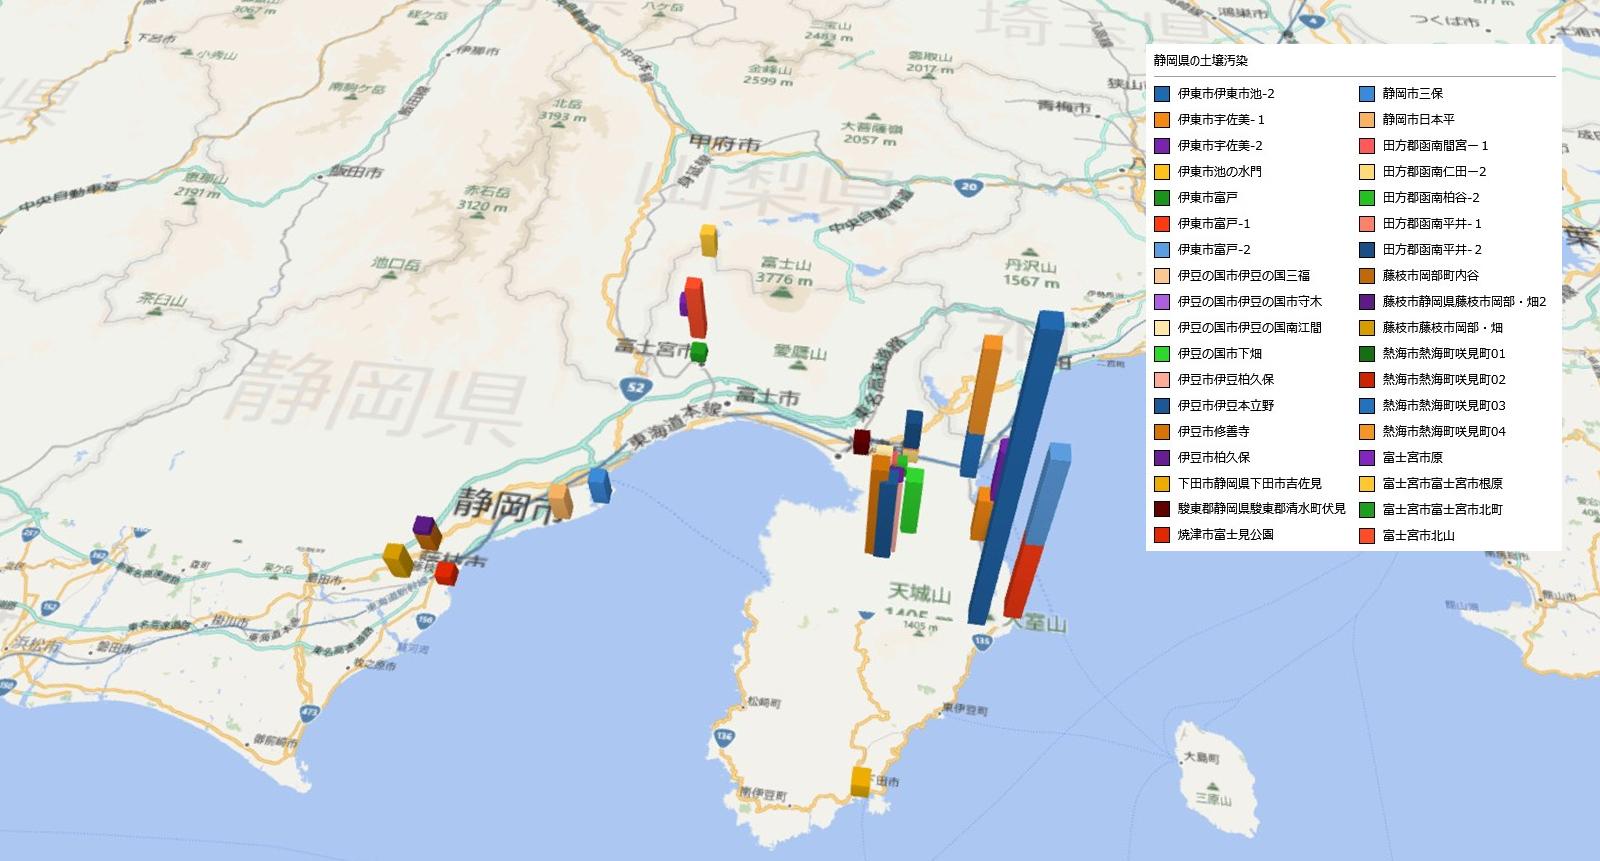 静岡県の放射能汚染の状況